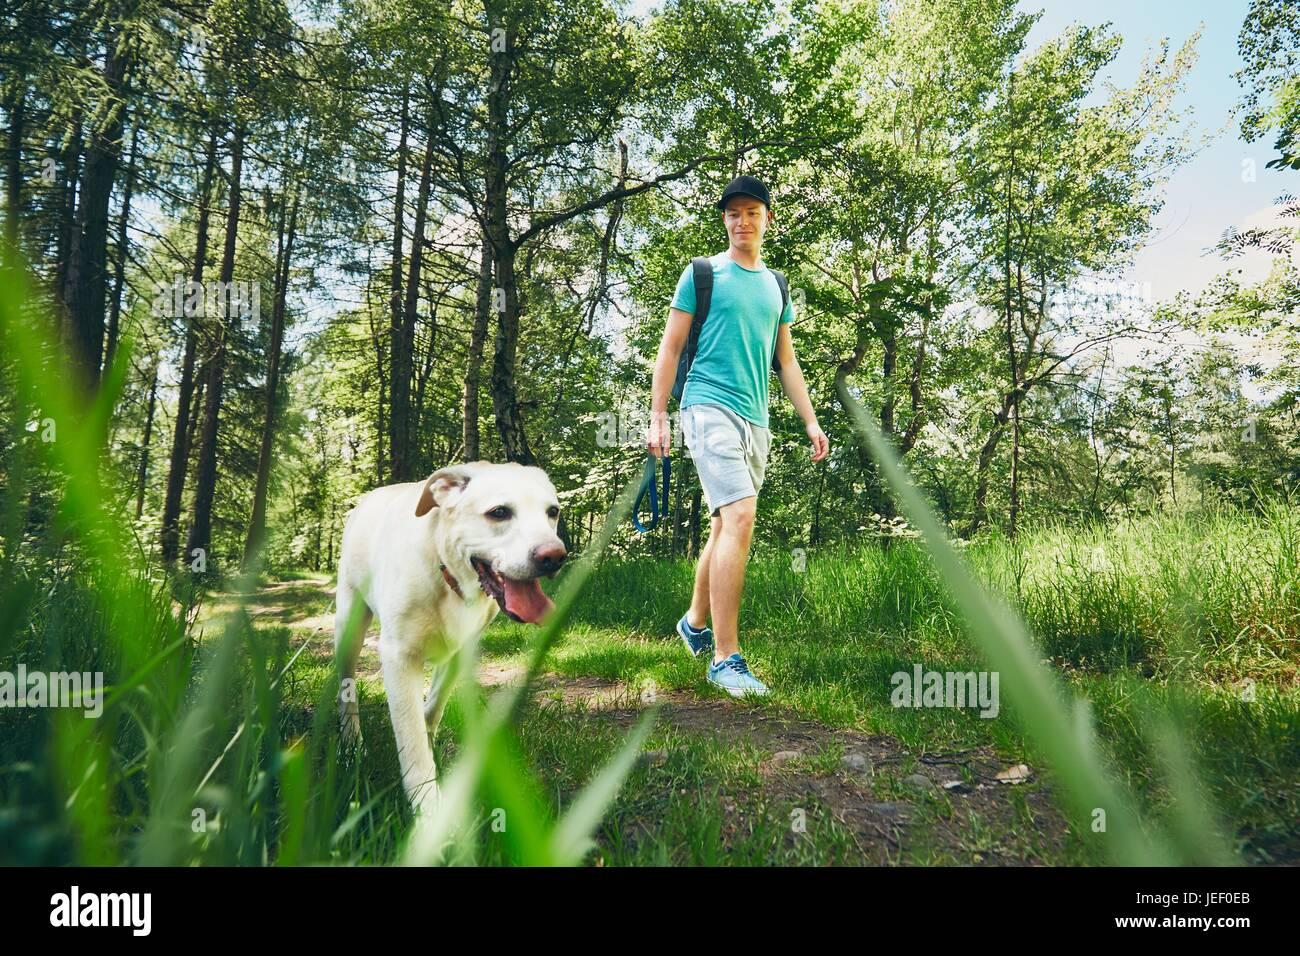 Jeune homme marchant avec son chien (labrador retriever) en forêt. L'heure d'été et les vacances Photo Stock